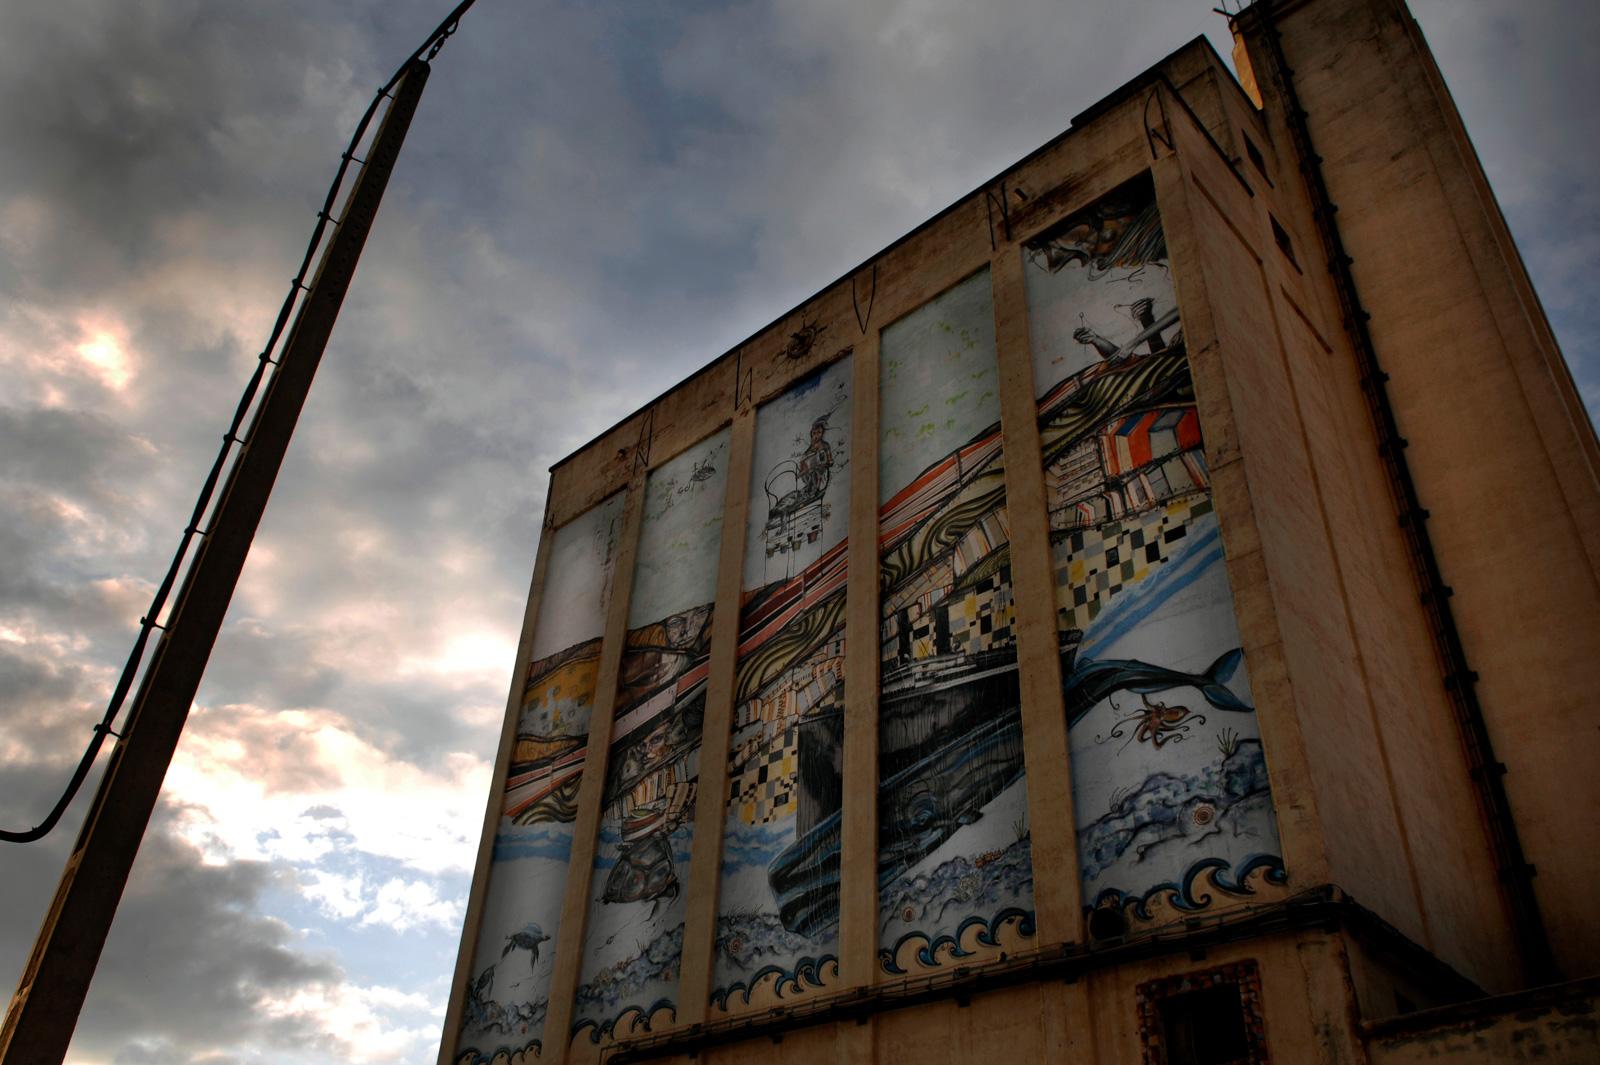 Representación del buque Sinaia en la fachada del silo de cereal. Foto: Manuel Ruiz Toribio.